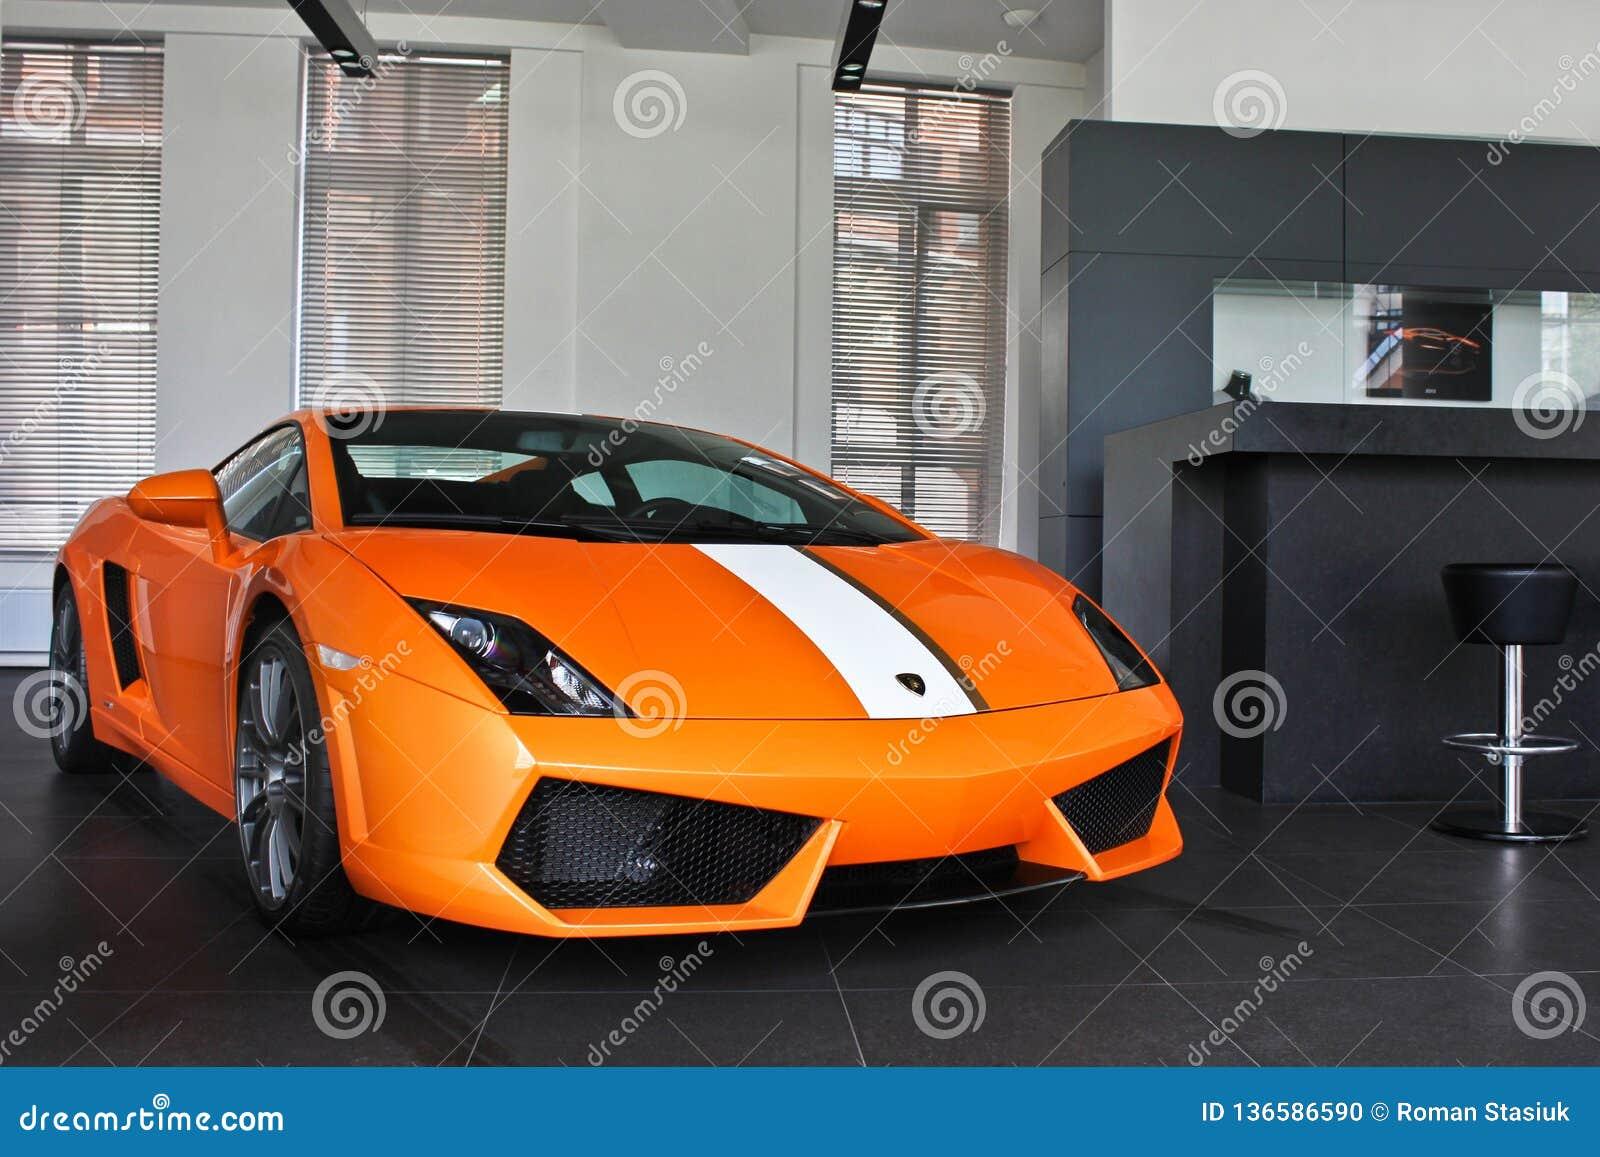 17 de fevereiro de 2011 Ucrânia, Kiev Lamborghini Gallardo LP550-2 Valentino Balboni